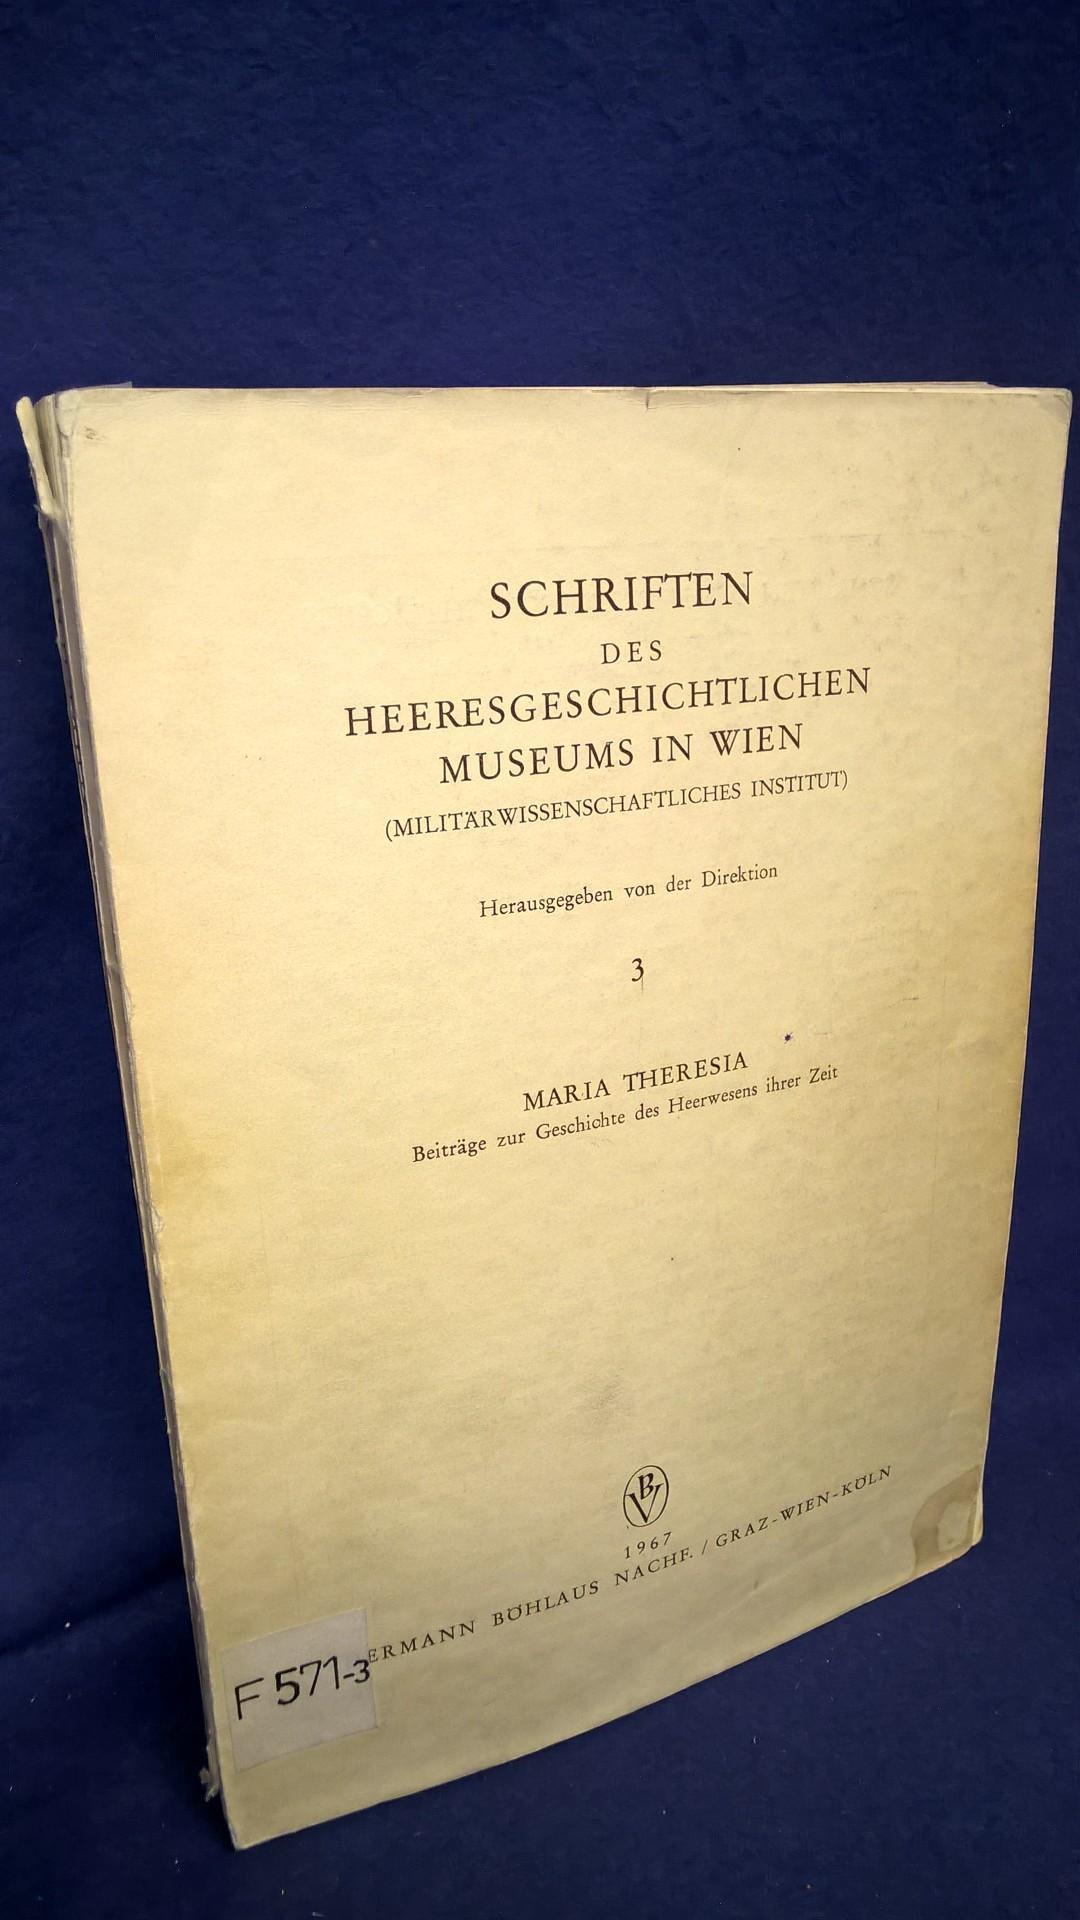 Schriften des Heeresgeschichtlichen Museums in Wien, Band 3: Maria Theresia - Beiträge zur Geschichte des Heerwesens ihrer Zeit -